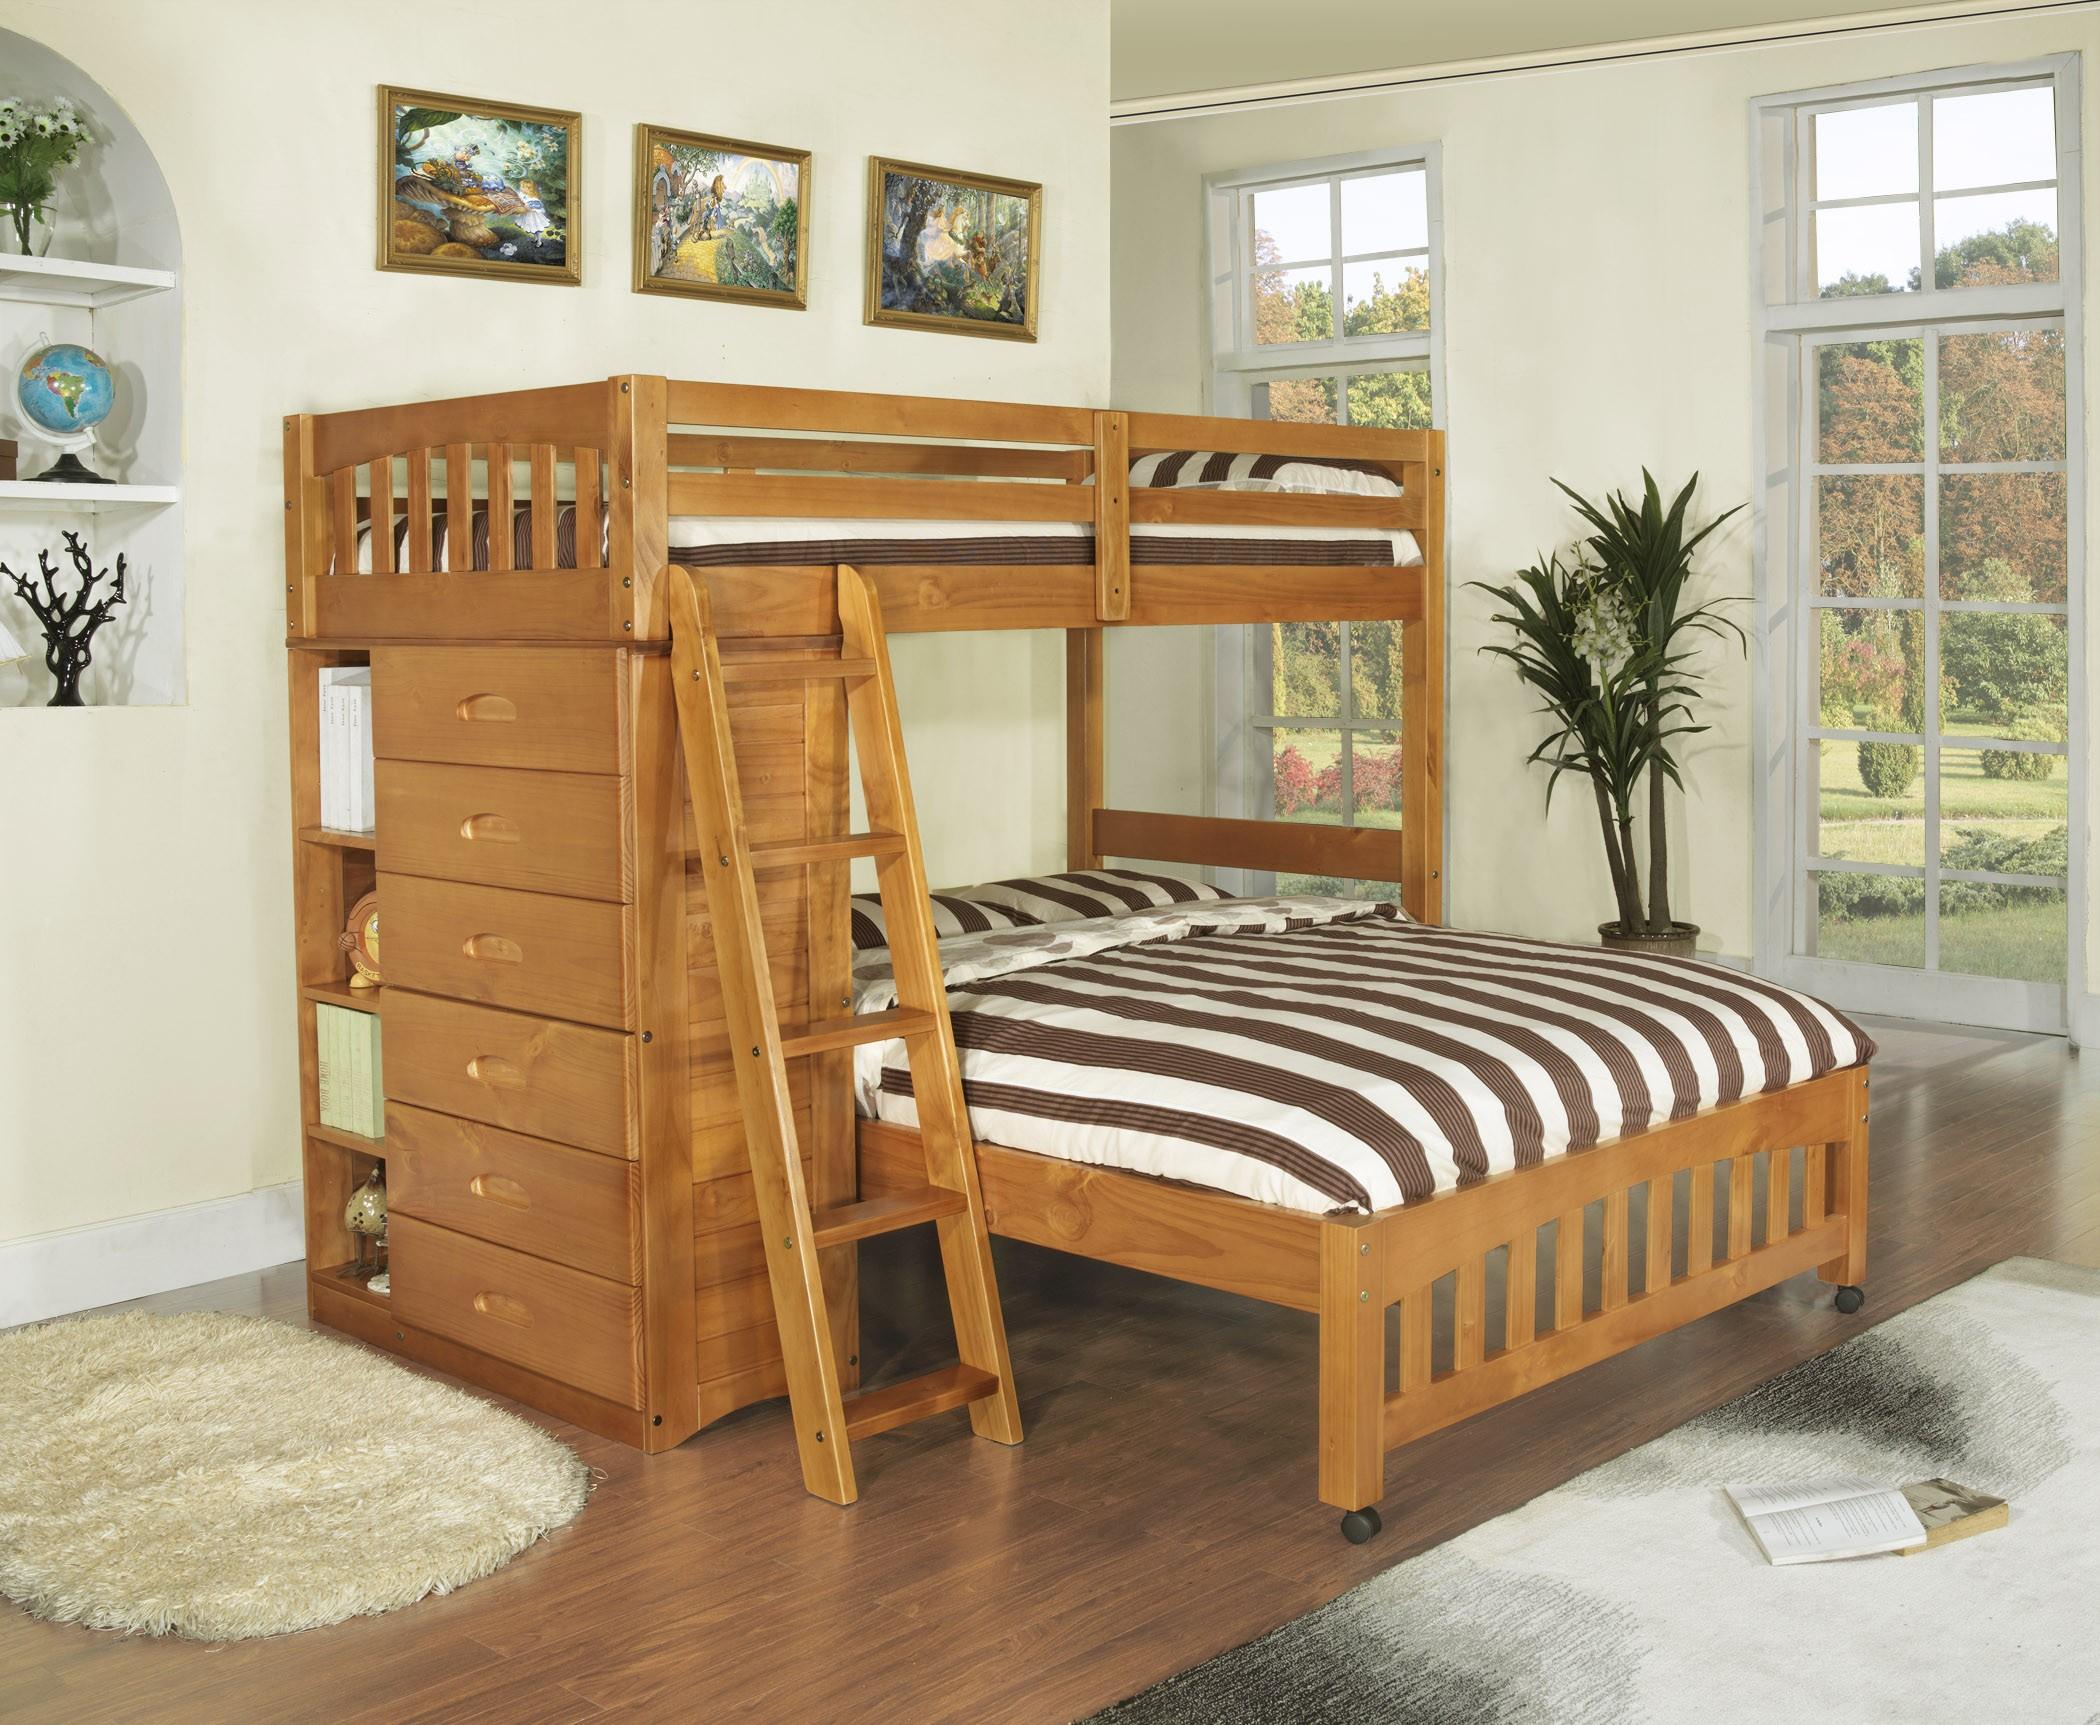 queen_loft_beds_for_adults-ibzl.jpg